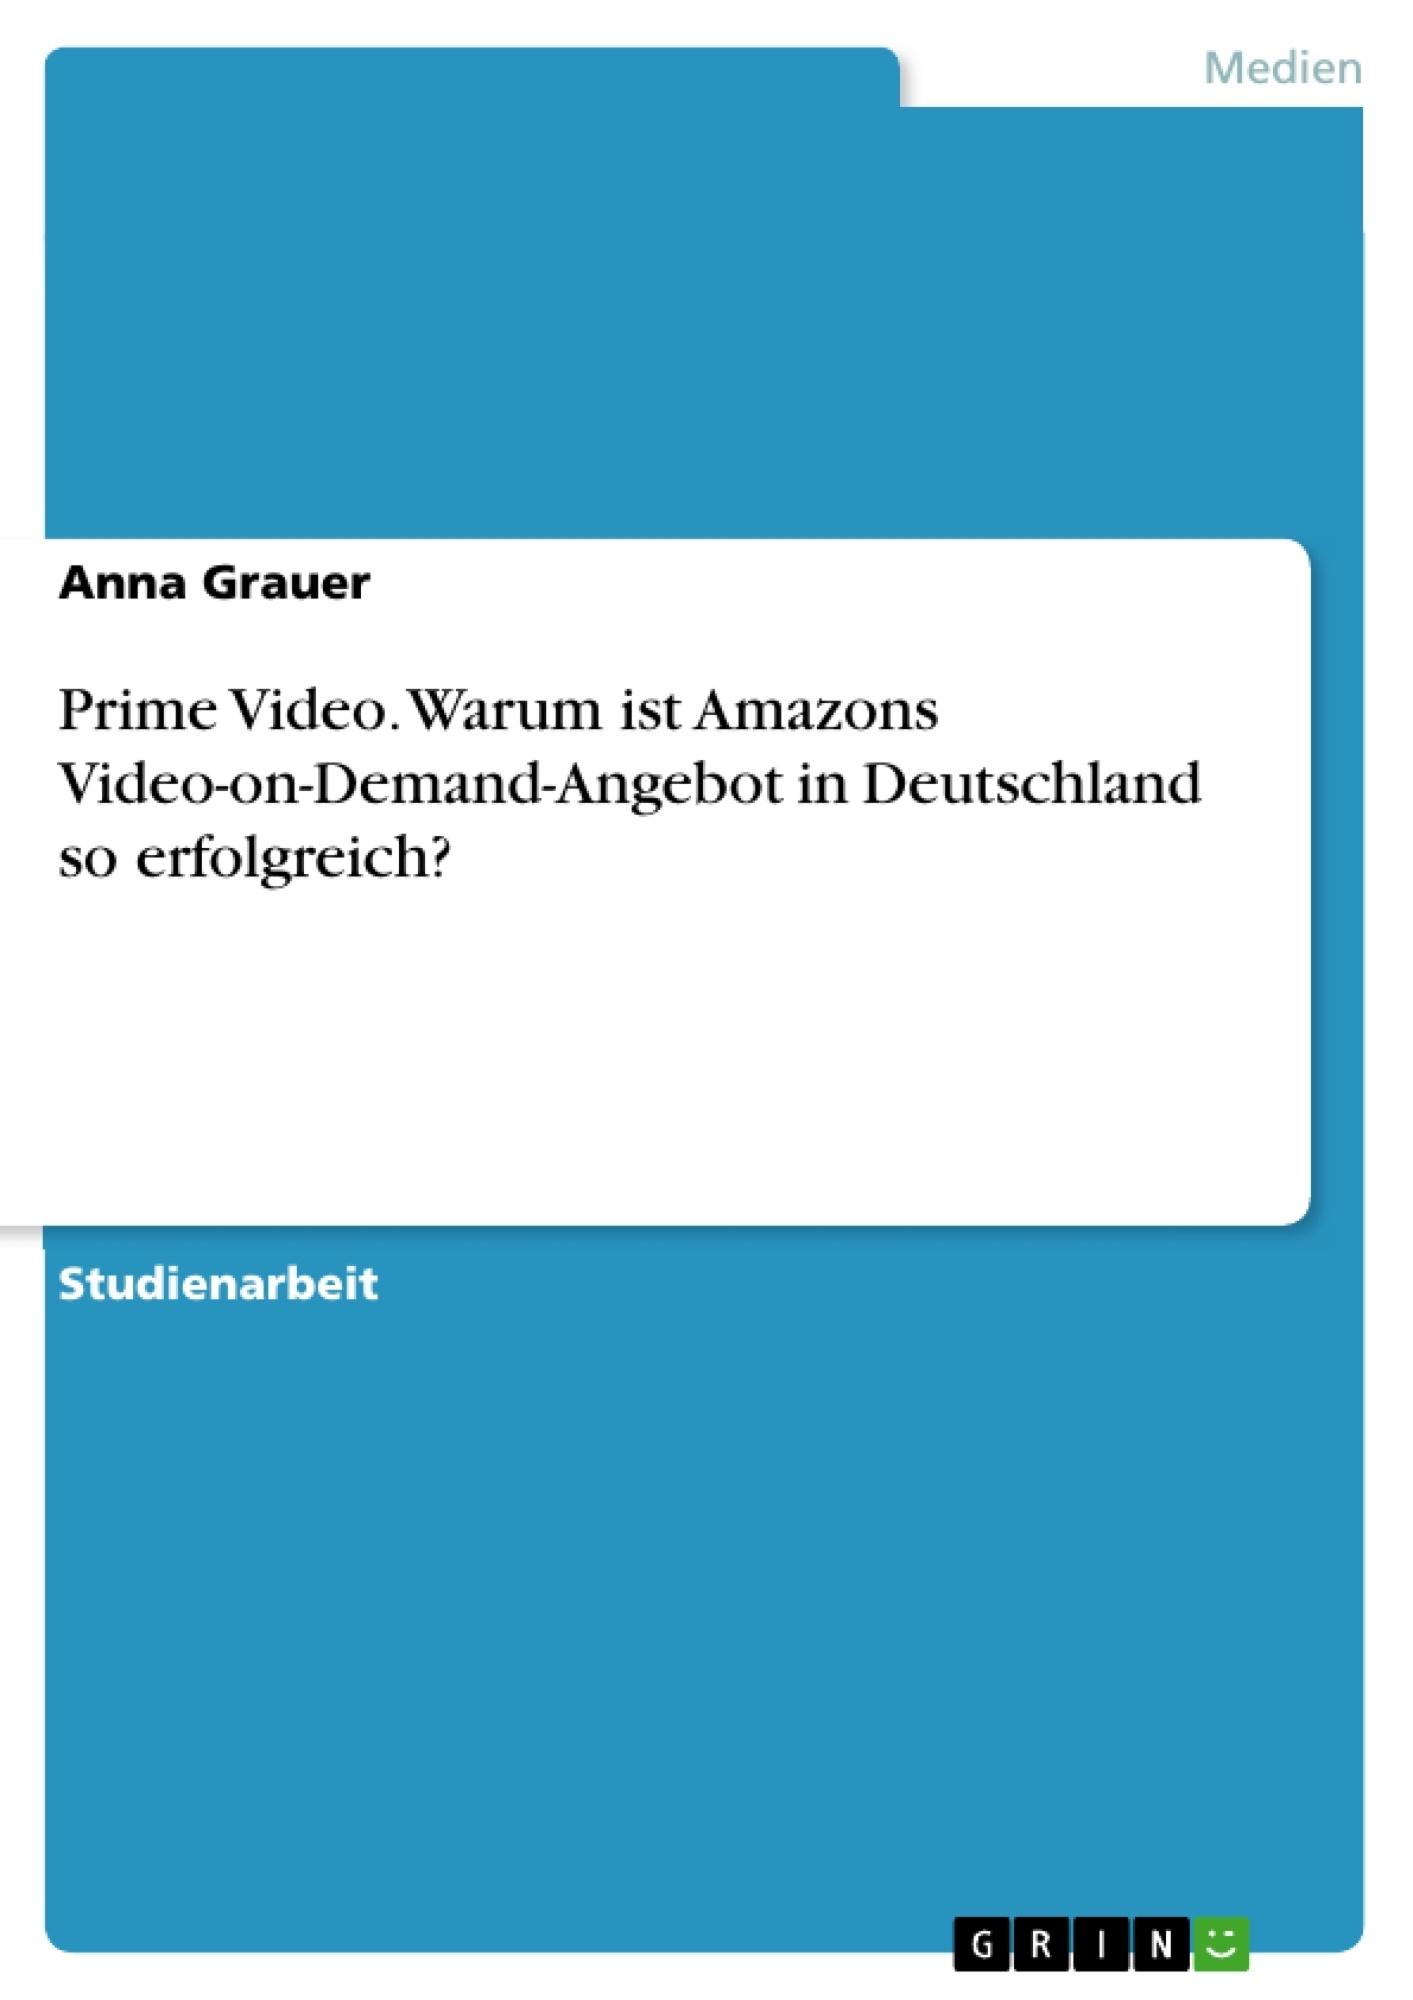 Titel: Prime Video. Warum ist Amazons Video-on-Demand-Angebot in Deutschland so erfolgreich?